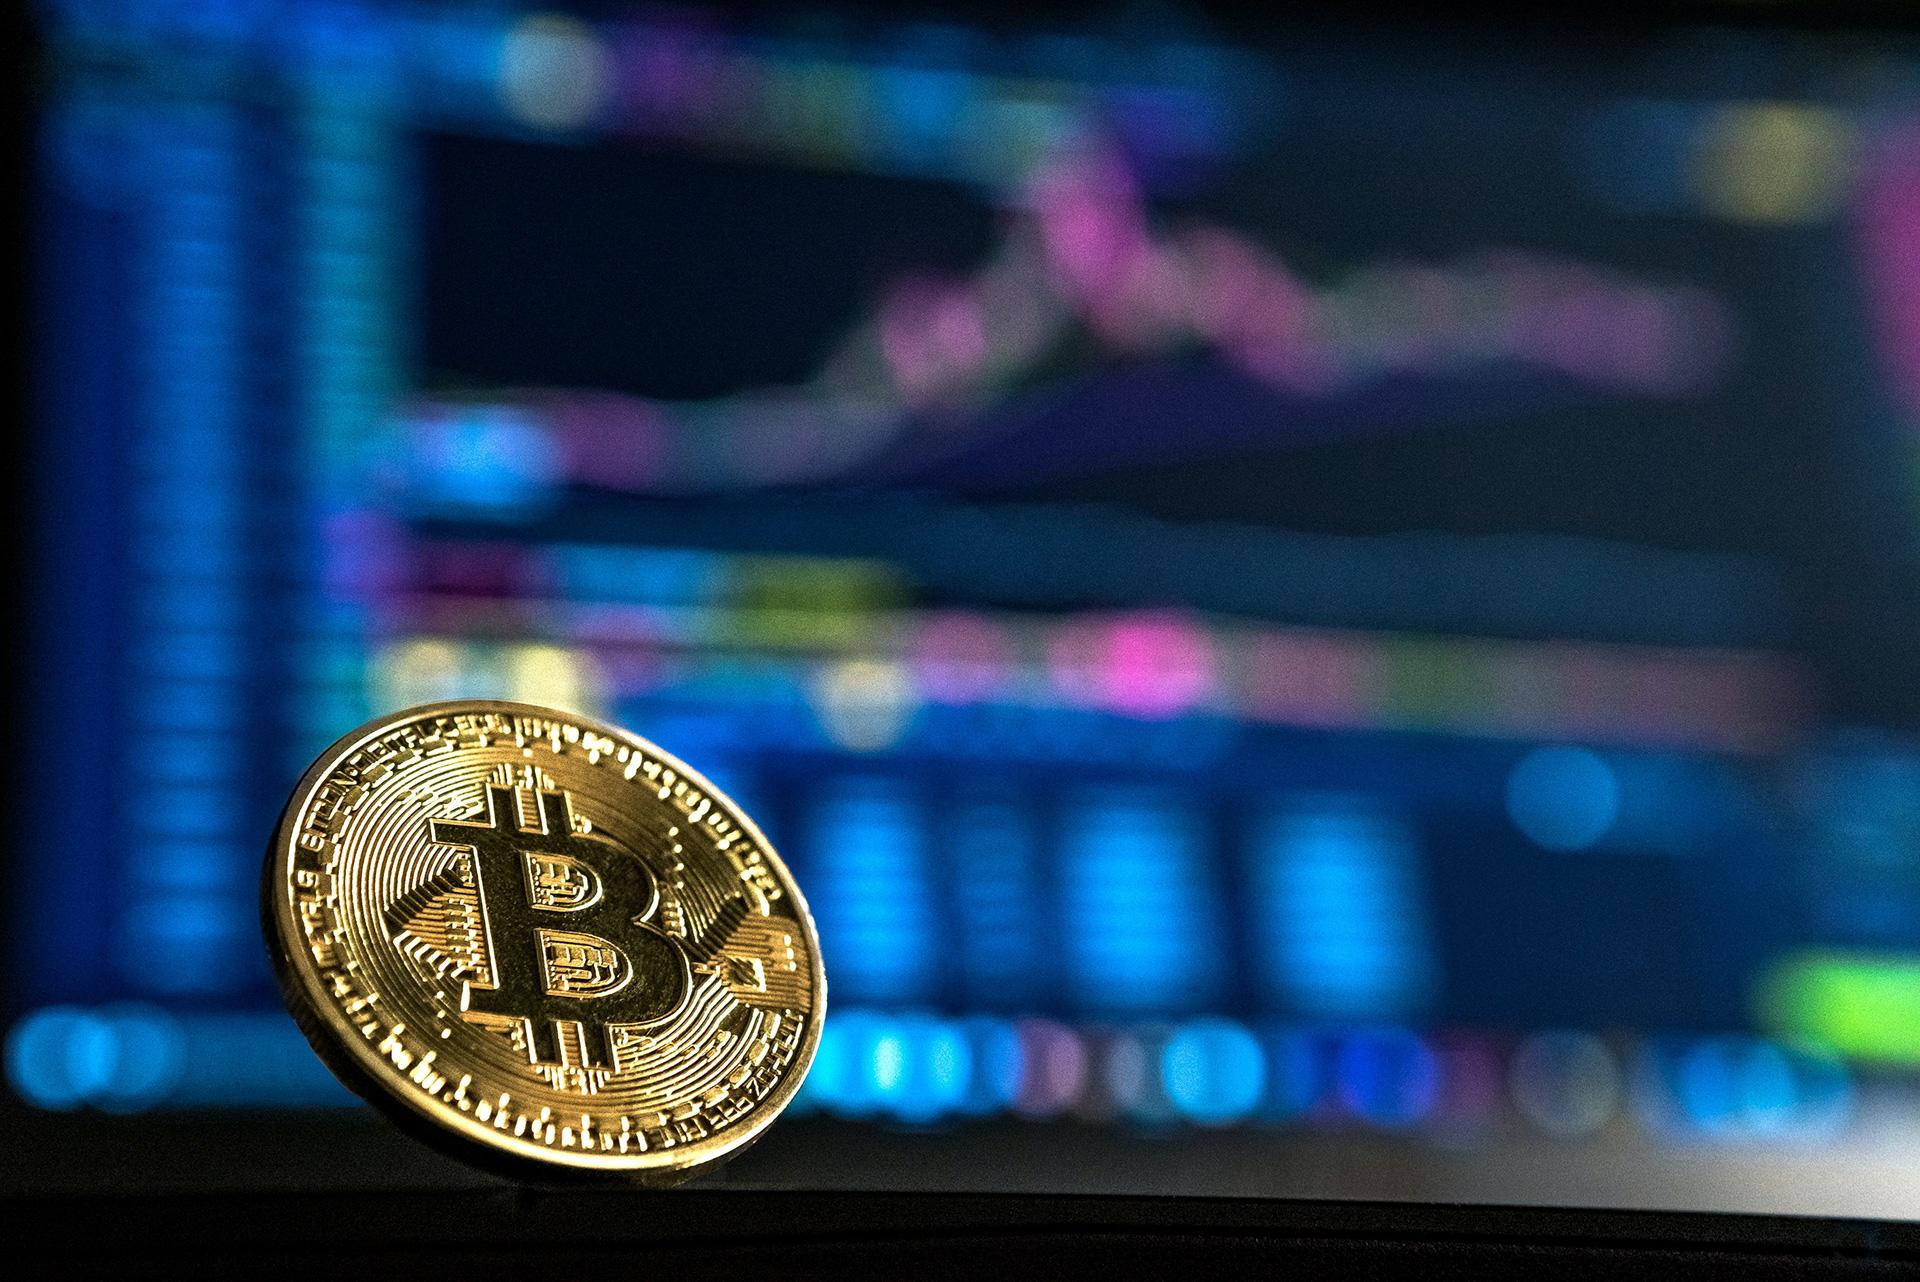 bitcoinin ostaminen